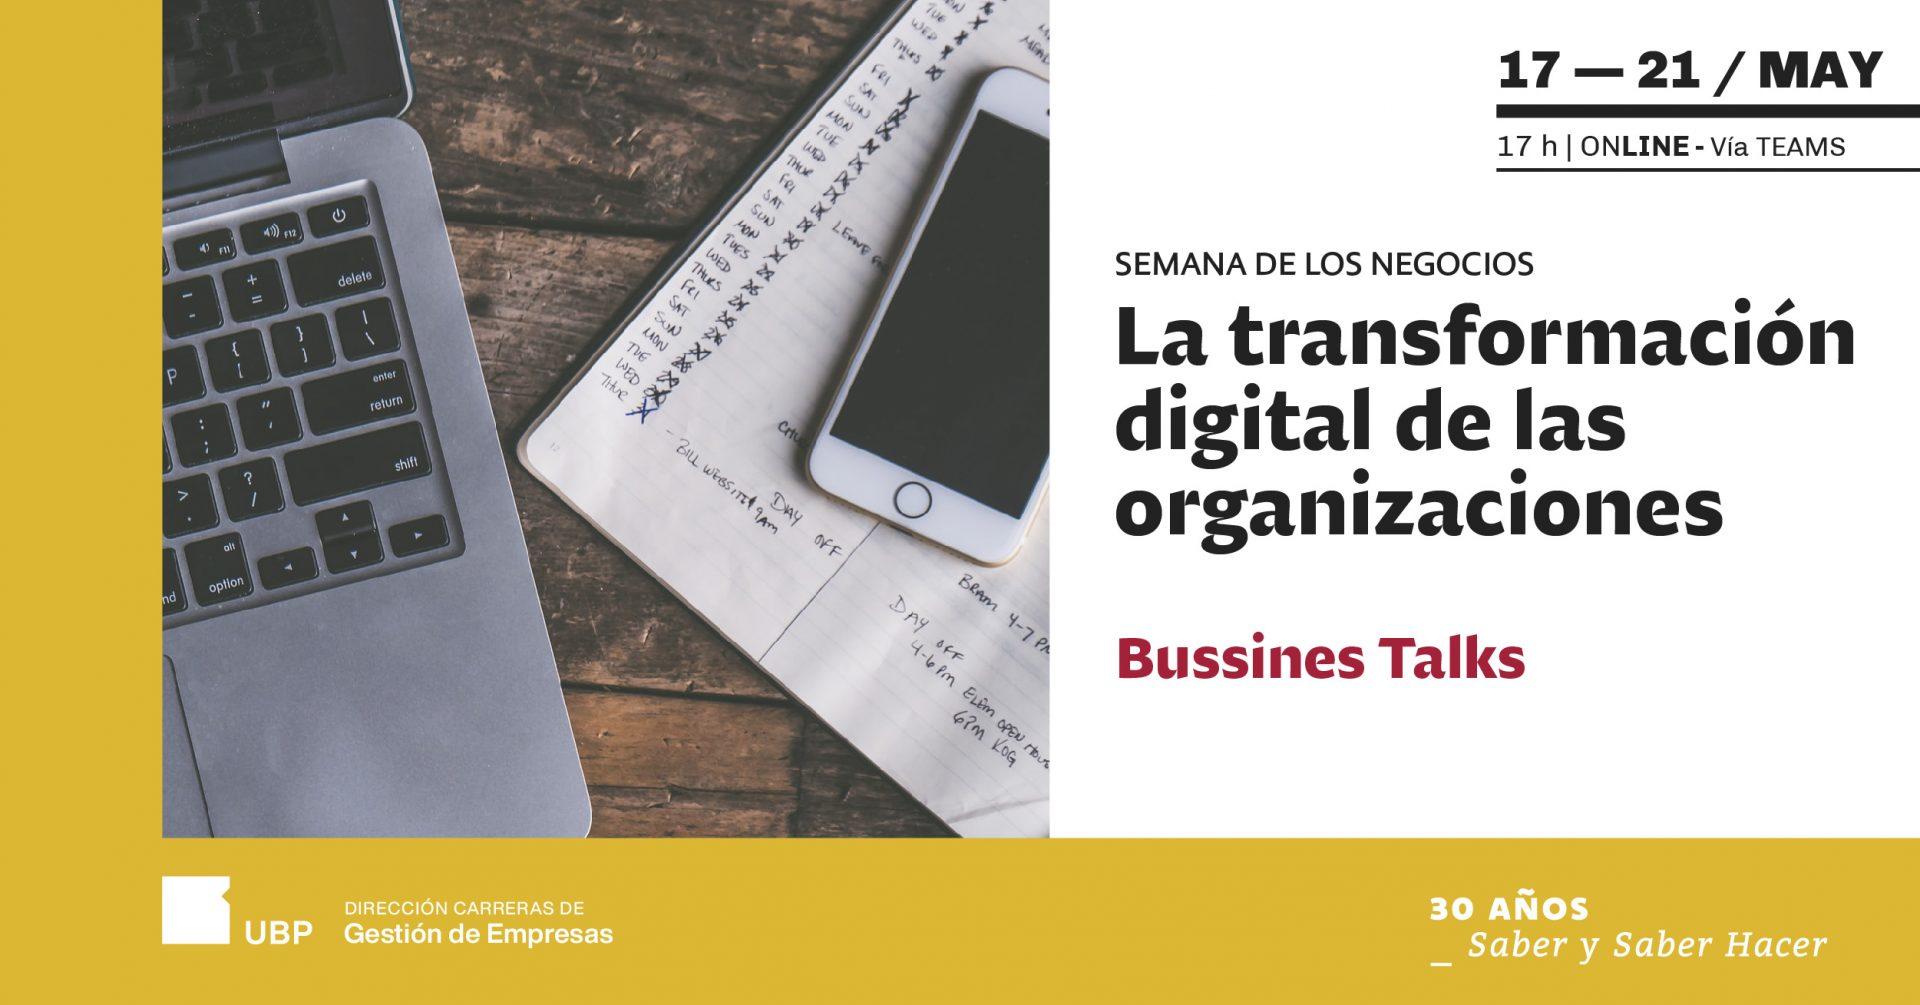 Semana de los Negocios: la transformación digital en organizaciones